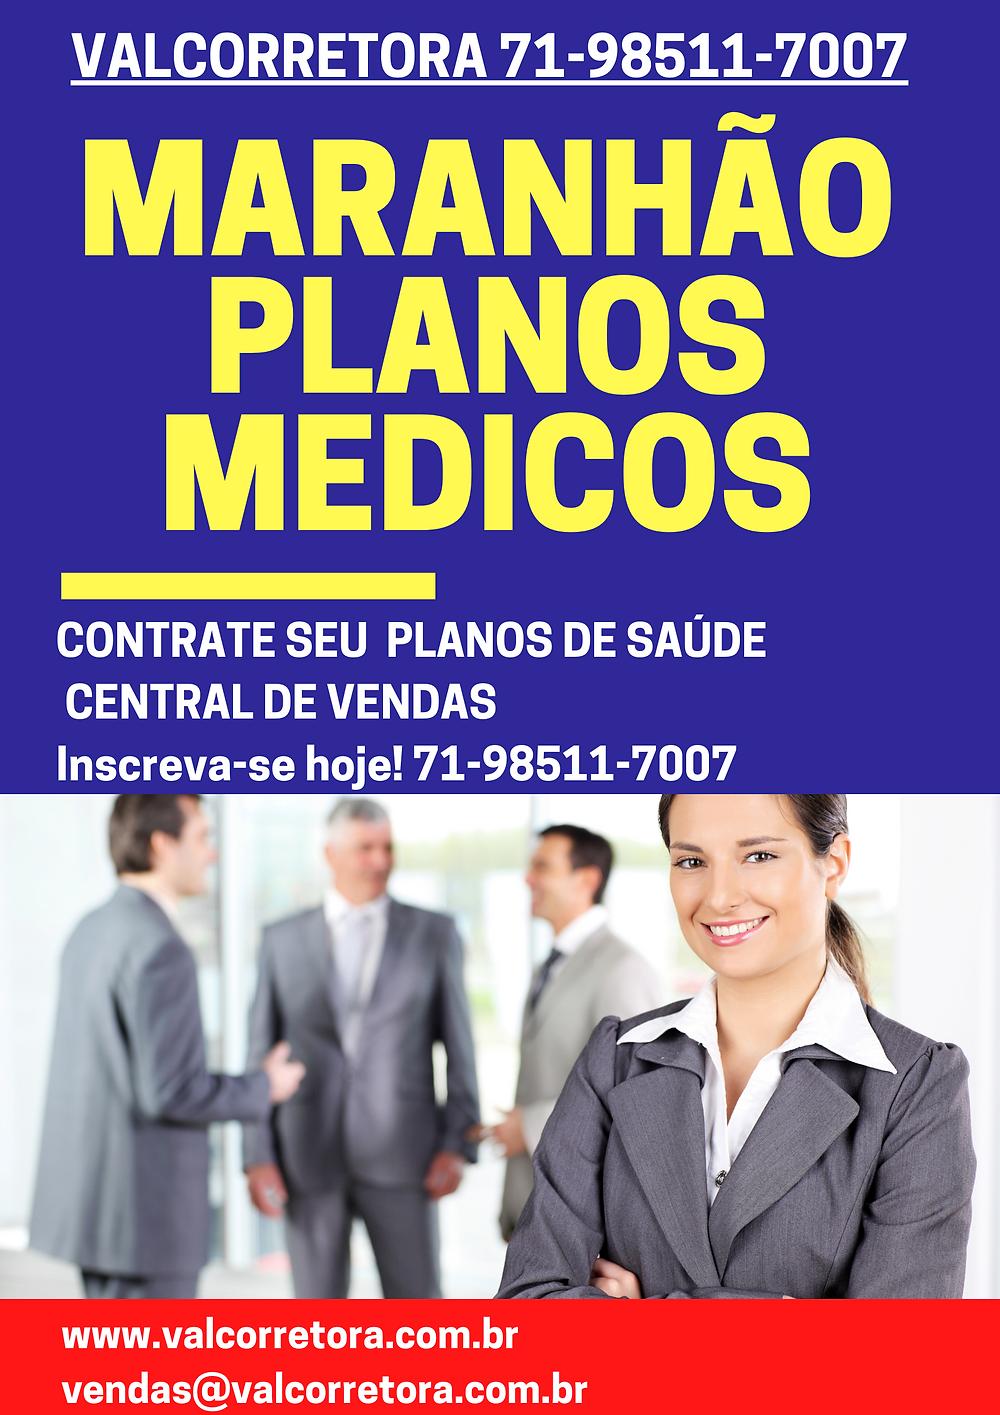 Planos de Saúde Adesão Individual Planos de Saúde Adesão Familiar Planos de Saúde Adesão Empresarial Central de Vendas de Planos de Saúde Corretora Vendas de Planos de Saúde em Maranhão